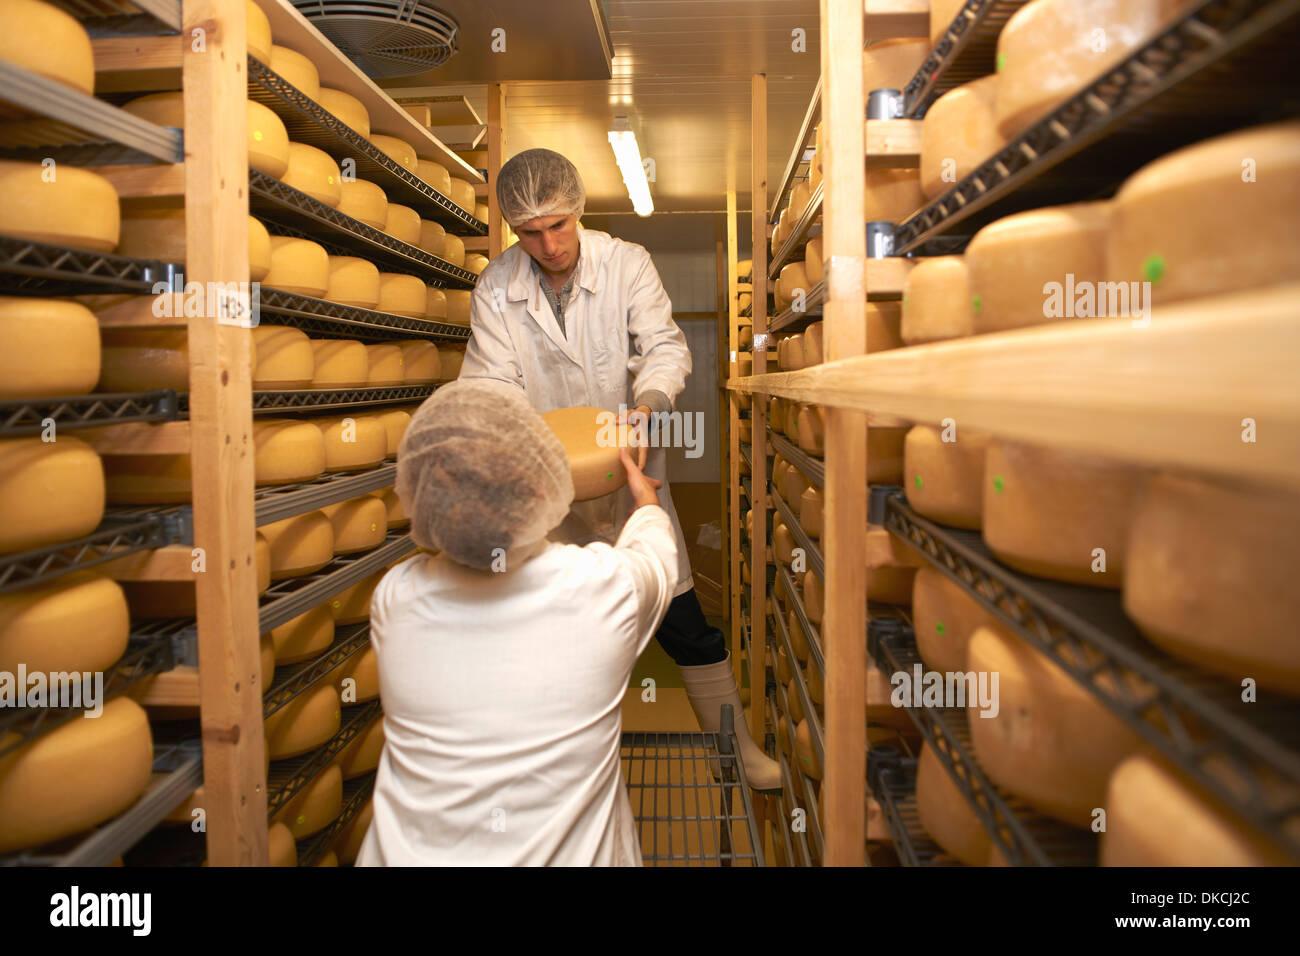 Los trabajadores poner queso redondo para almacenamiento en fábrica de granja Imagen De Stock